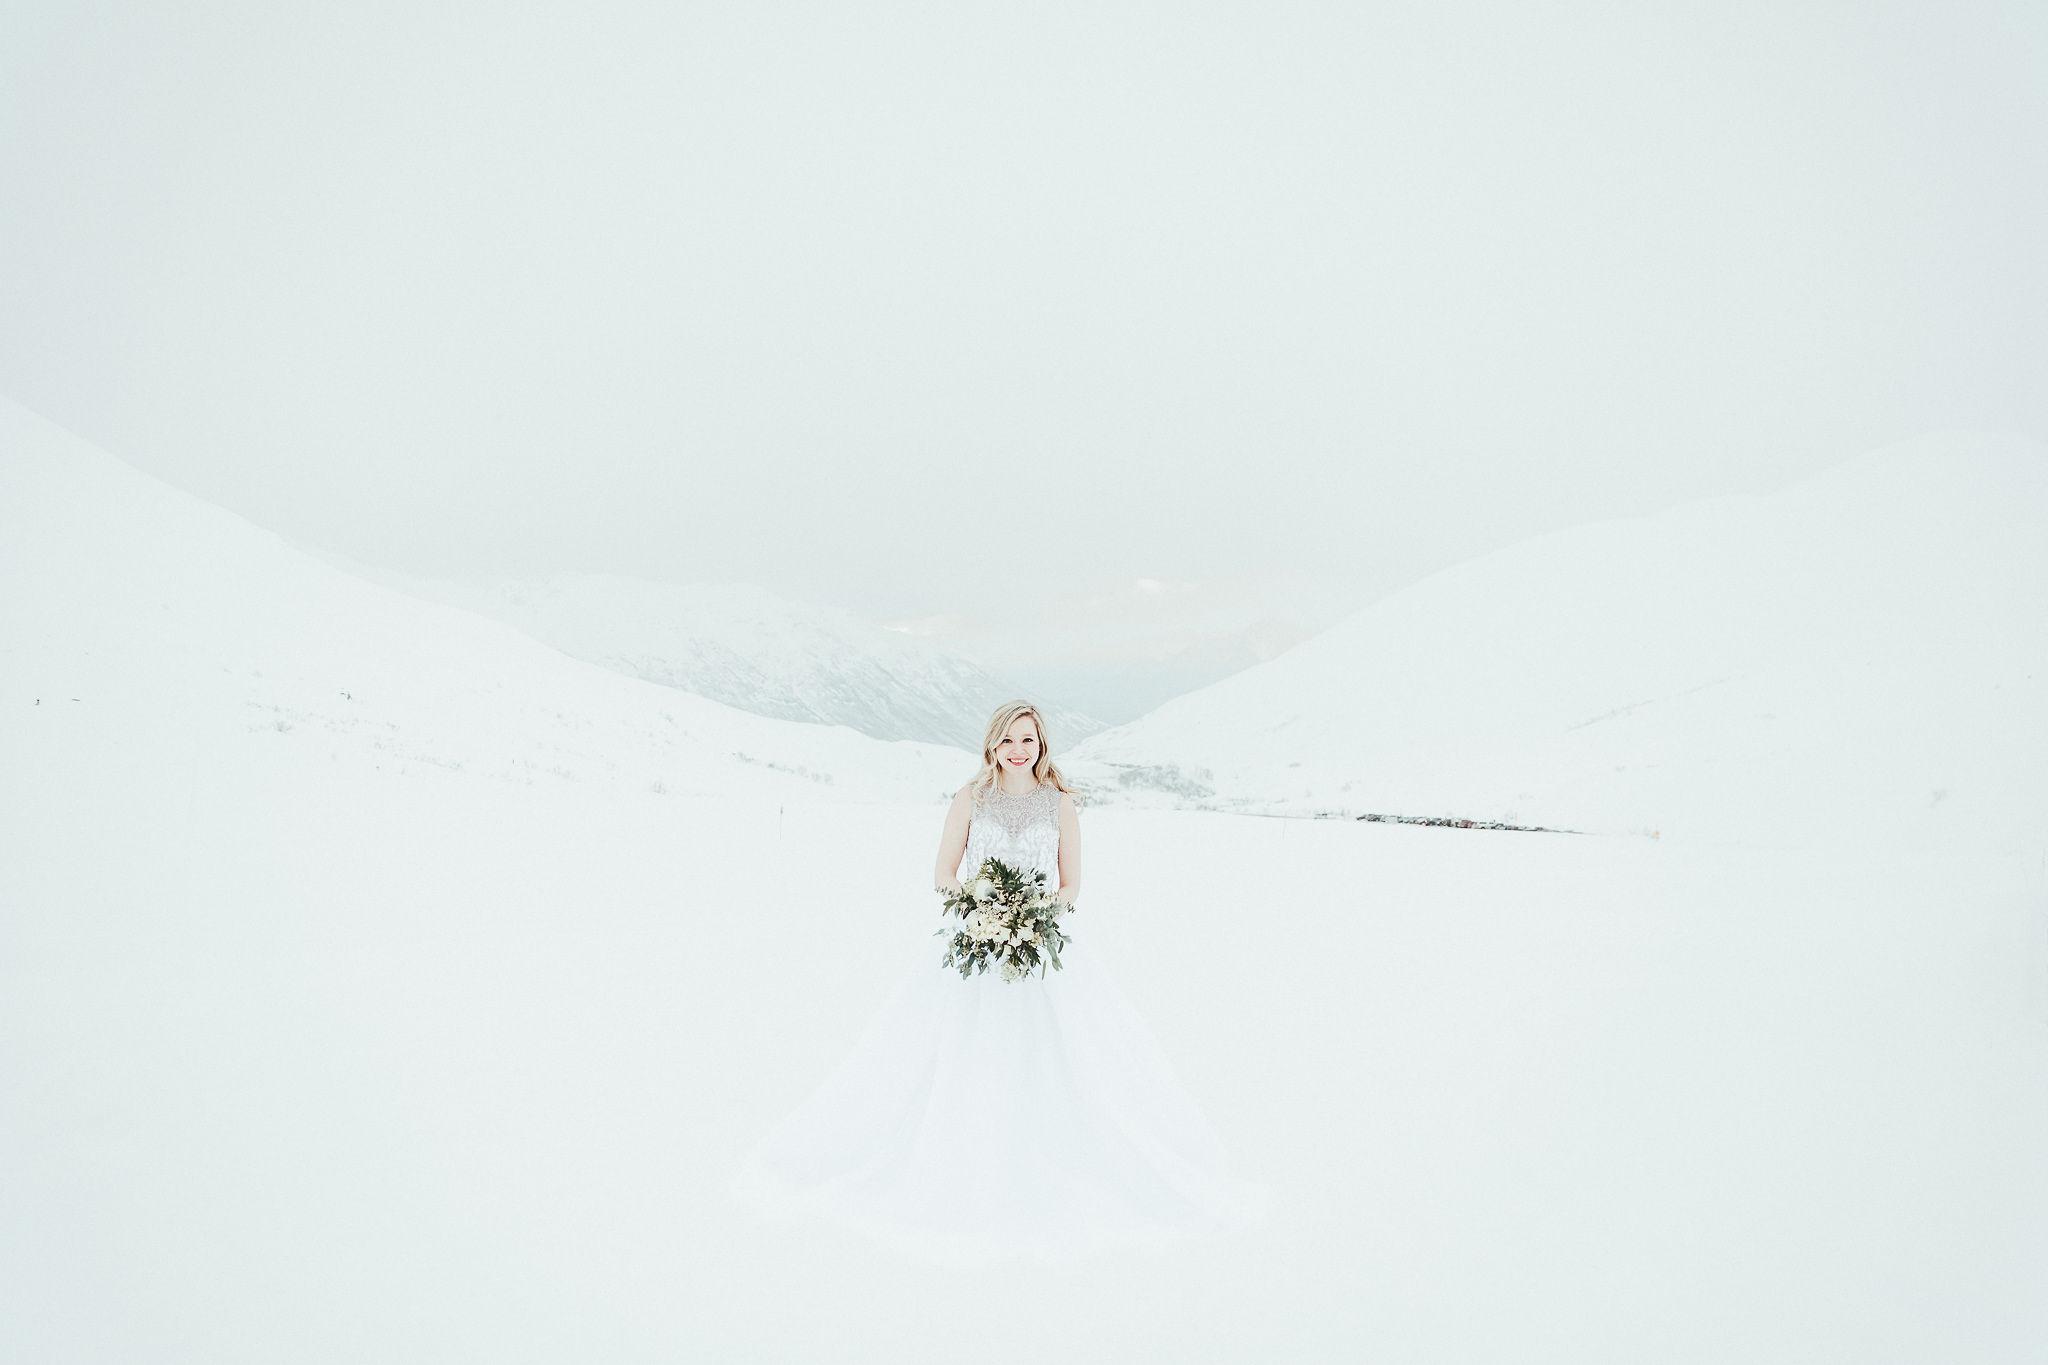 Winter Bride. Anderson's Bride. Wedding Dress. Wandering Weddings.